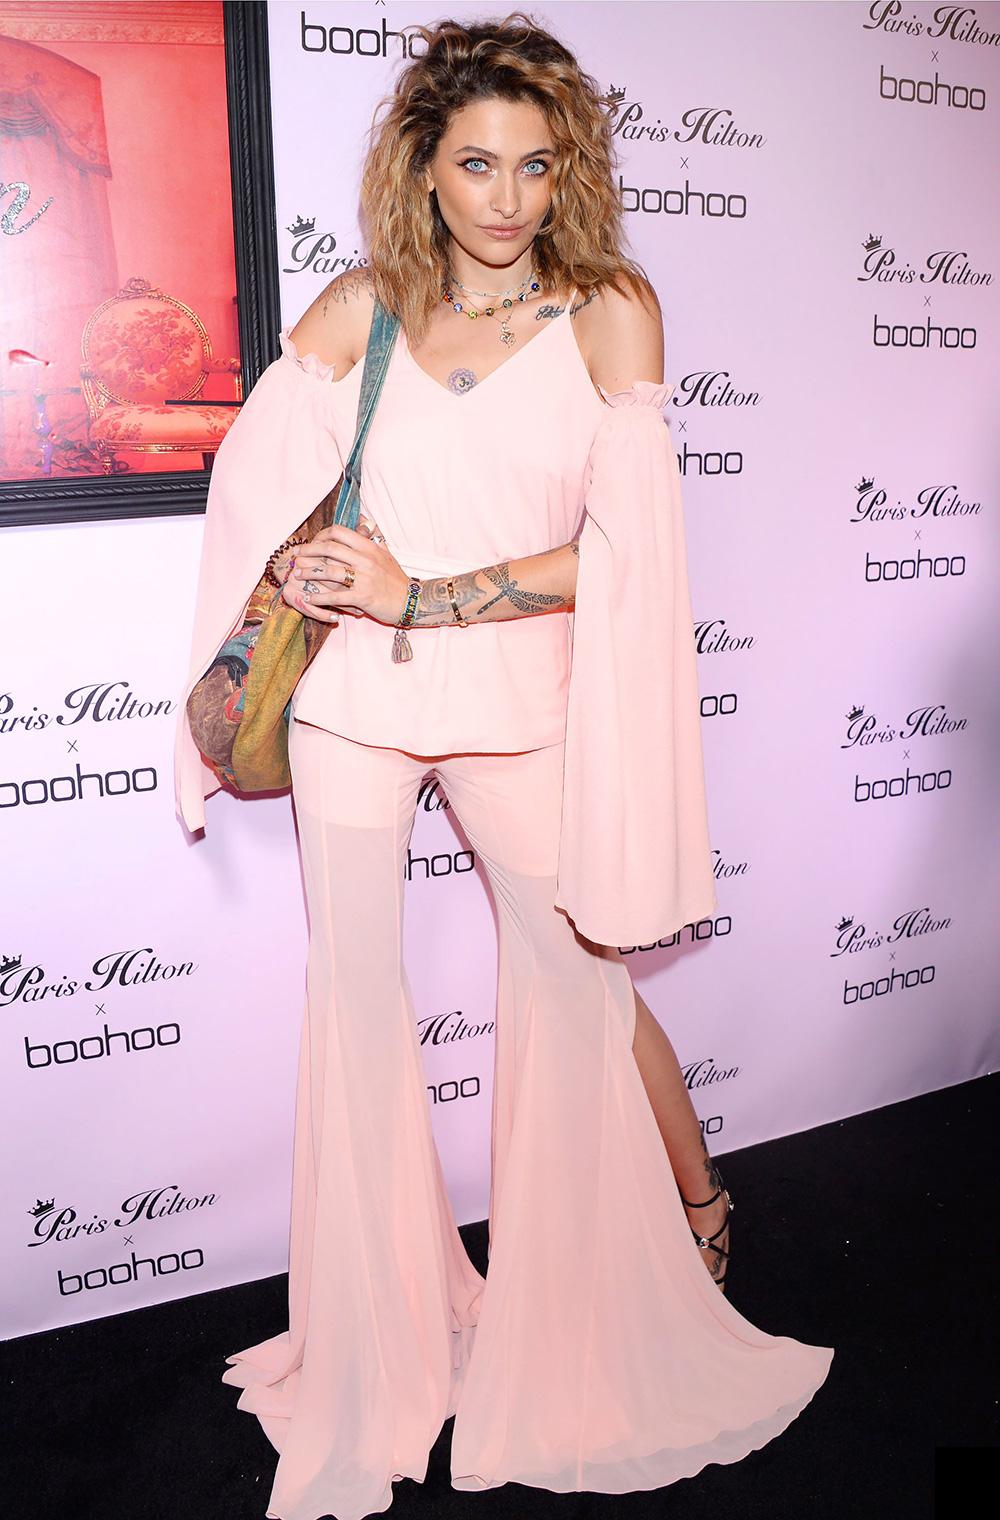 6d1a85cd148c Paris Jackson at the Boohoo x Paris Hilton Launch Party in Los Angeles